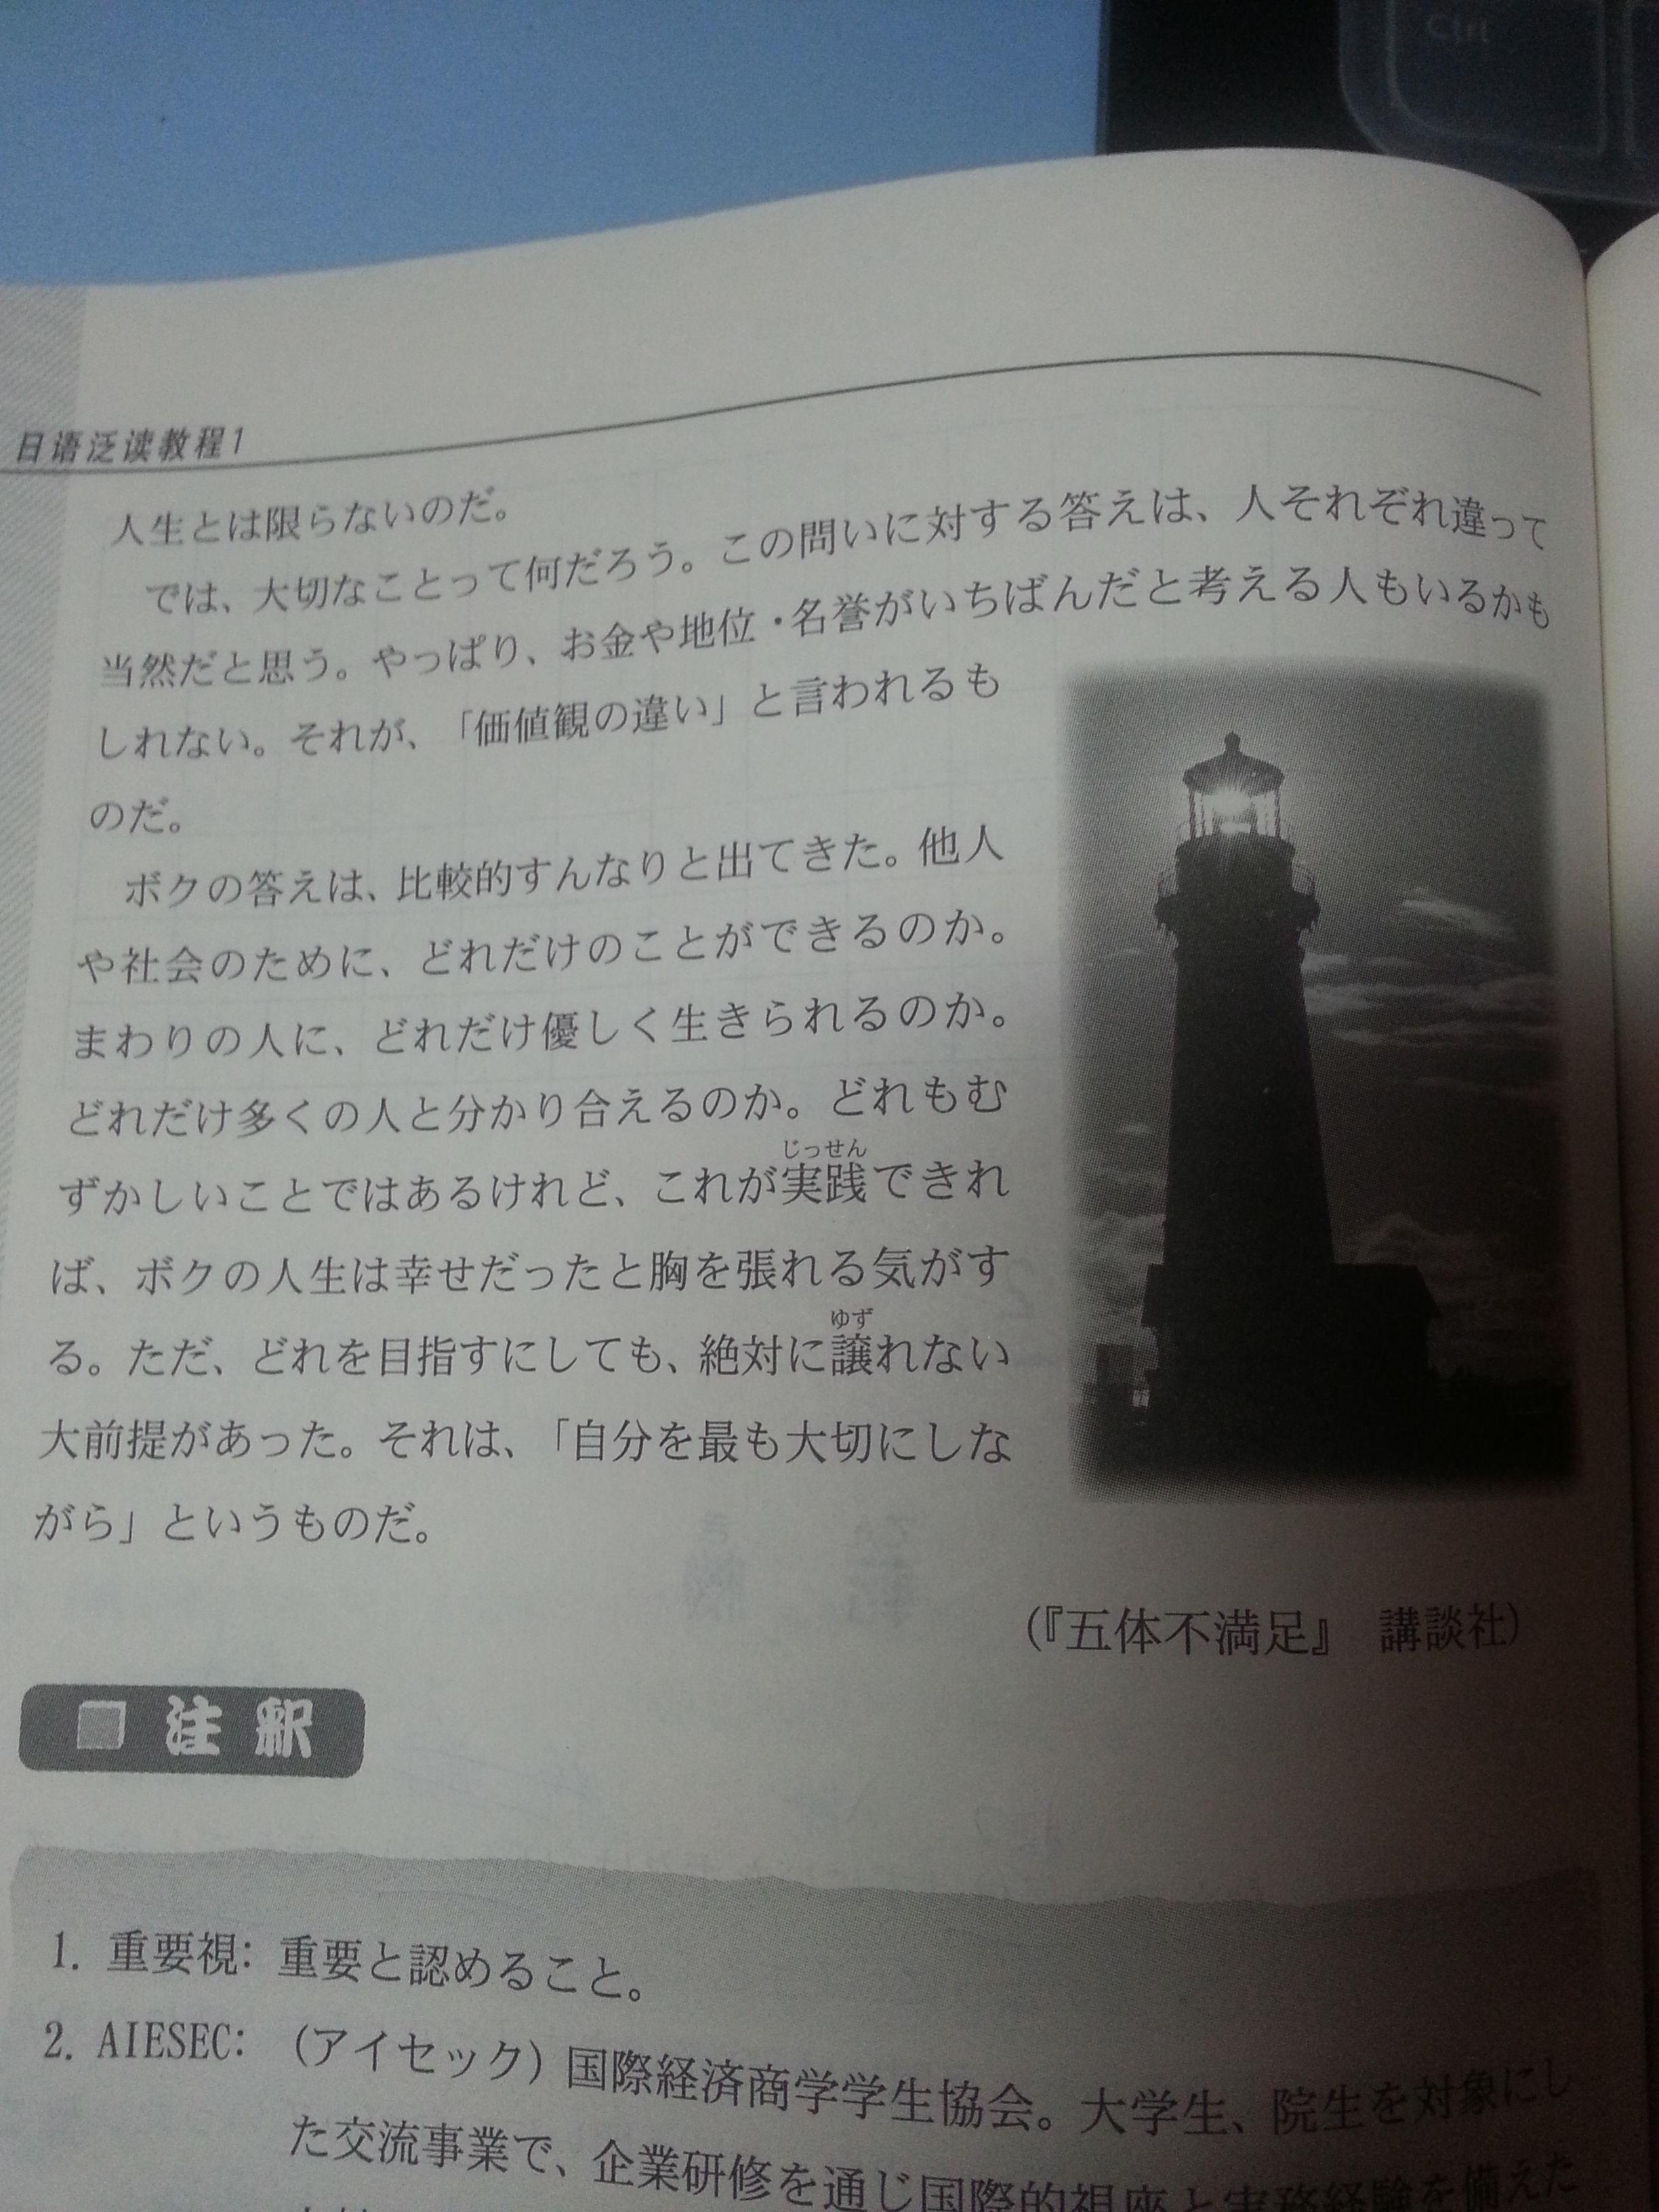 日语文章翻译图片